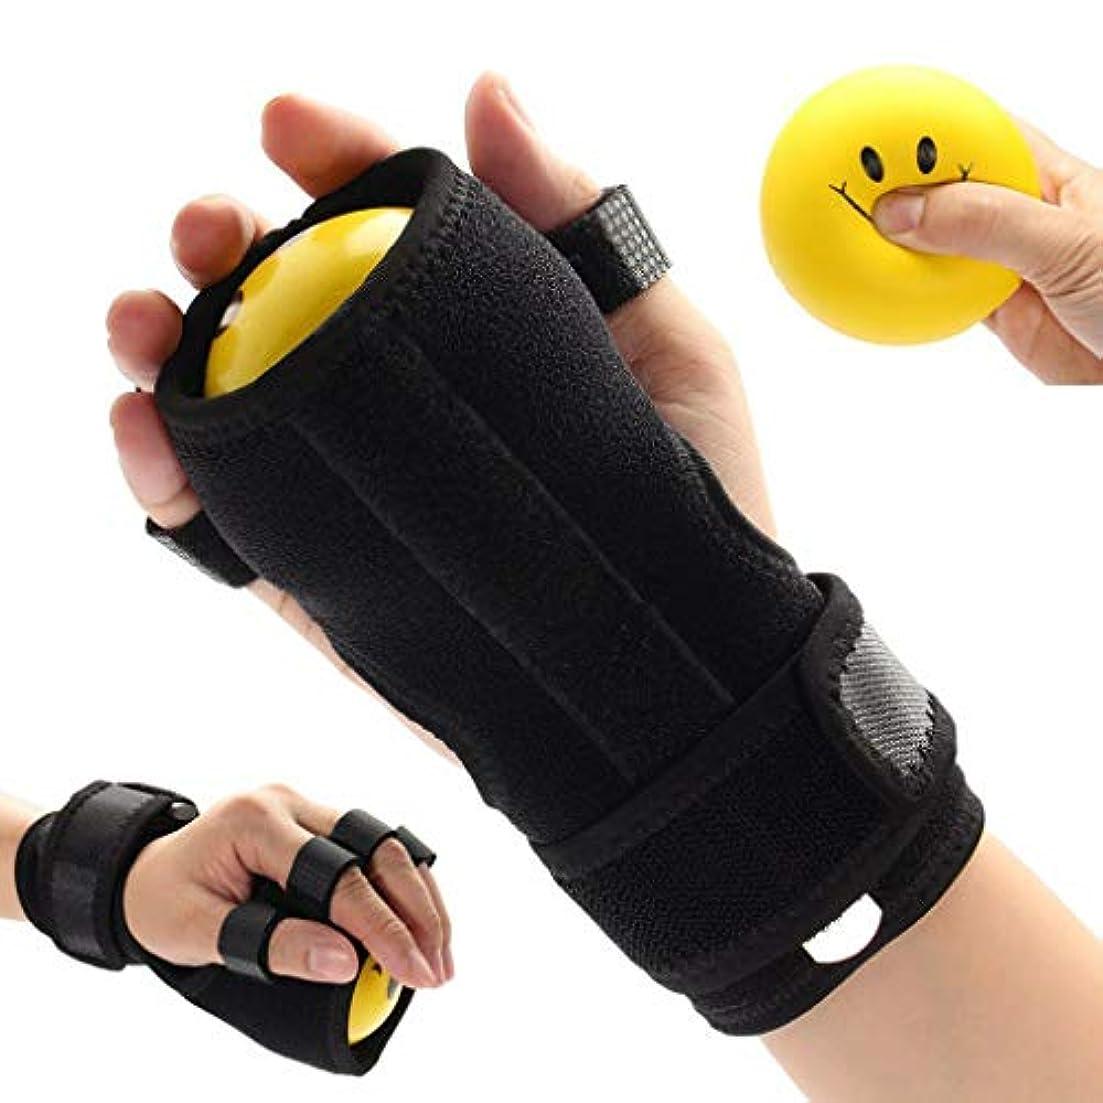 ヒューマニスティック入手しますサークル抗痙攣性ボール - 指手首リハビリテーション練習用装具、機能的副子手、手の機能障害/片麻痺/脳卒中用